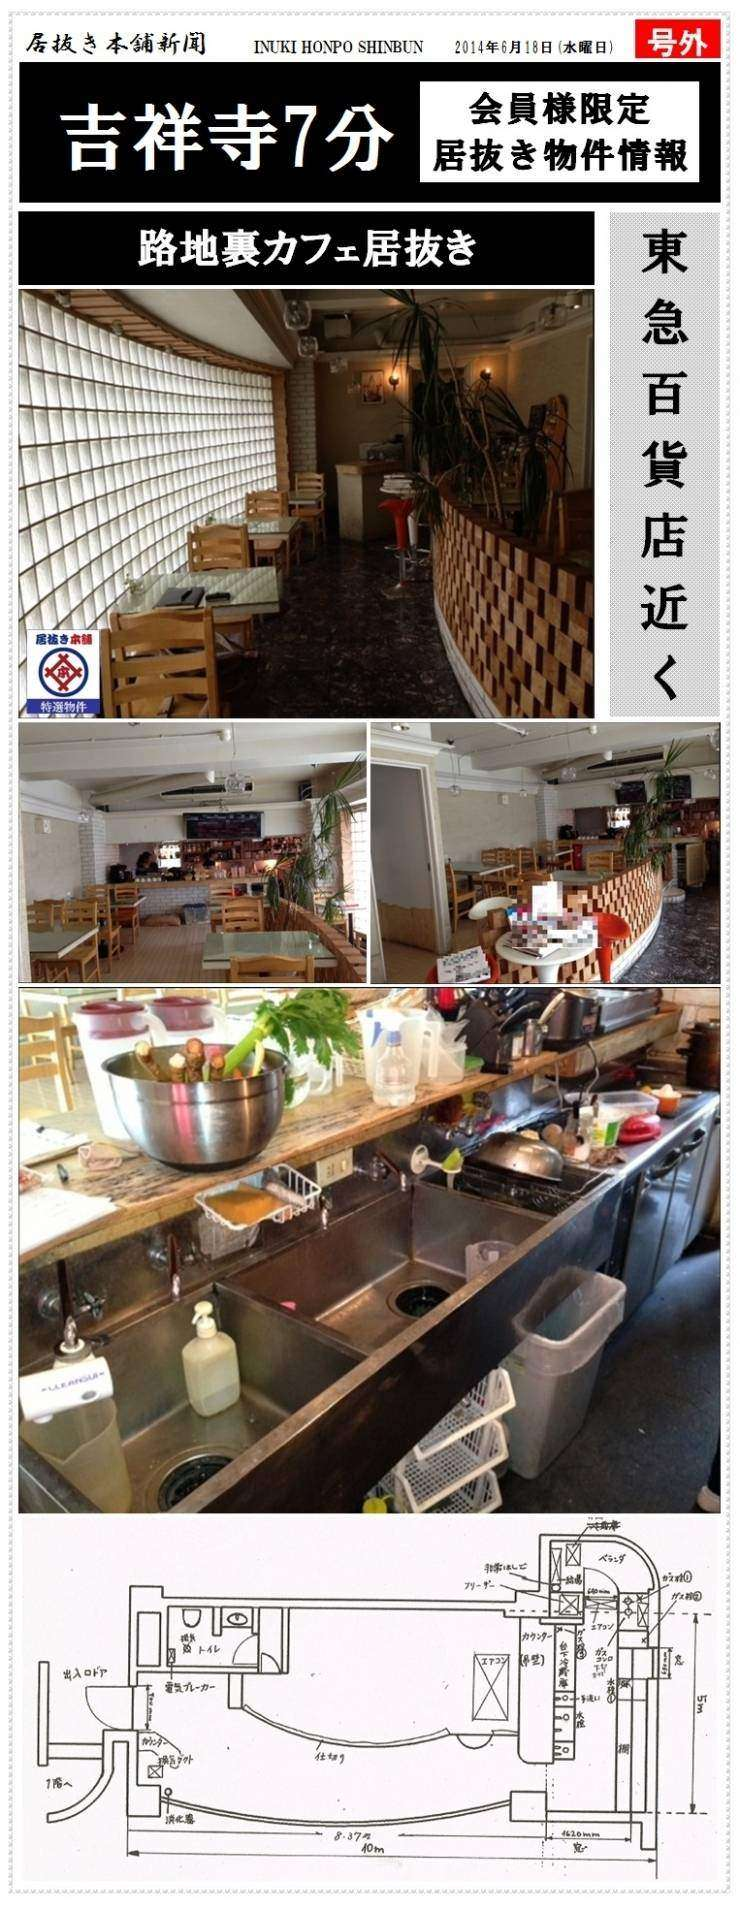 吉祥寺のカフェ居抜き20140619